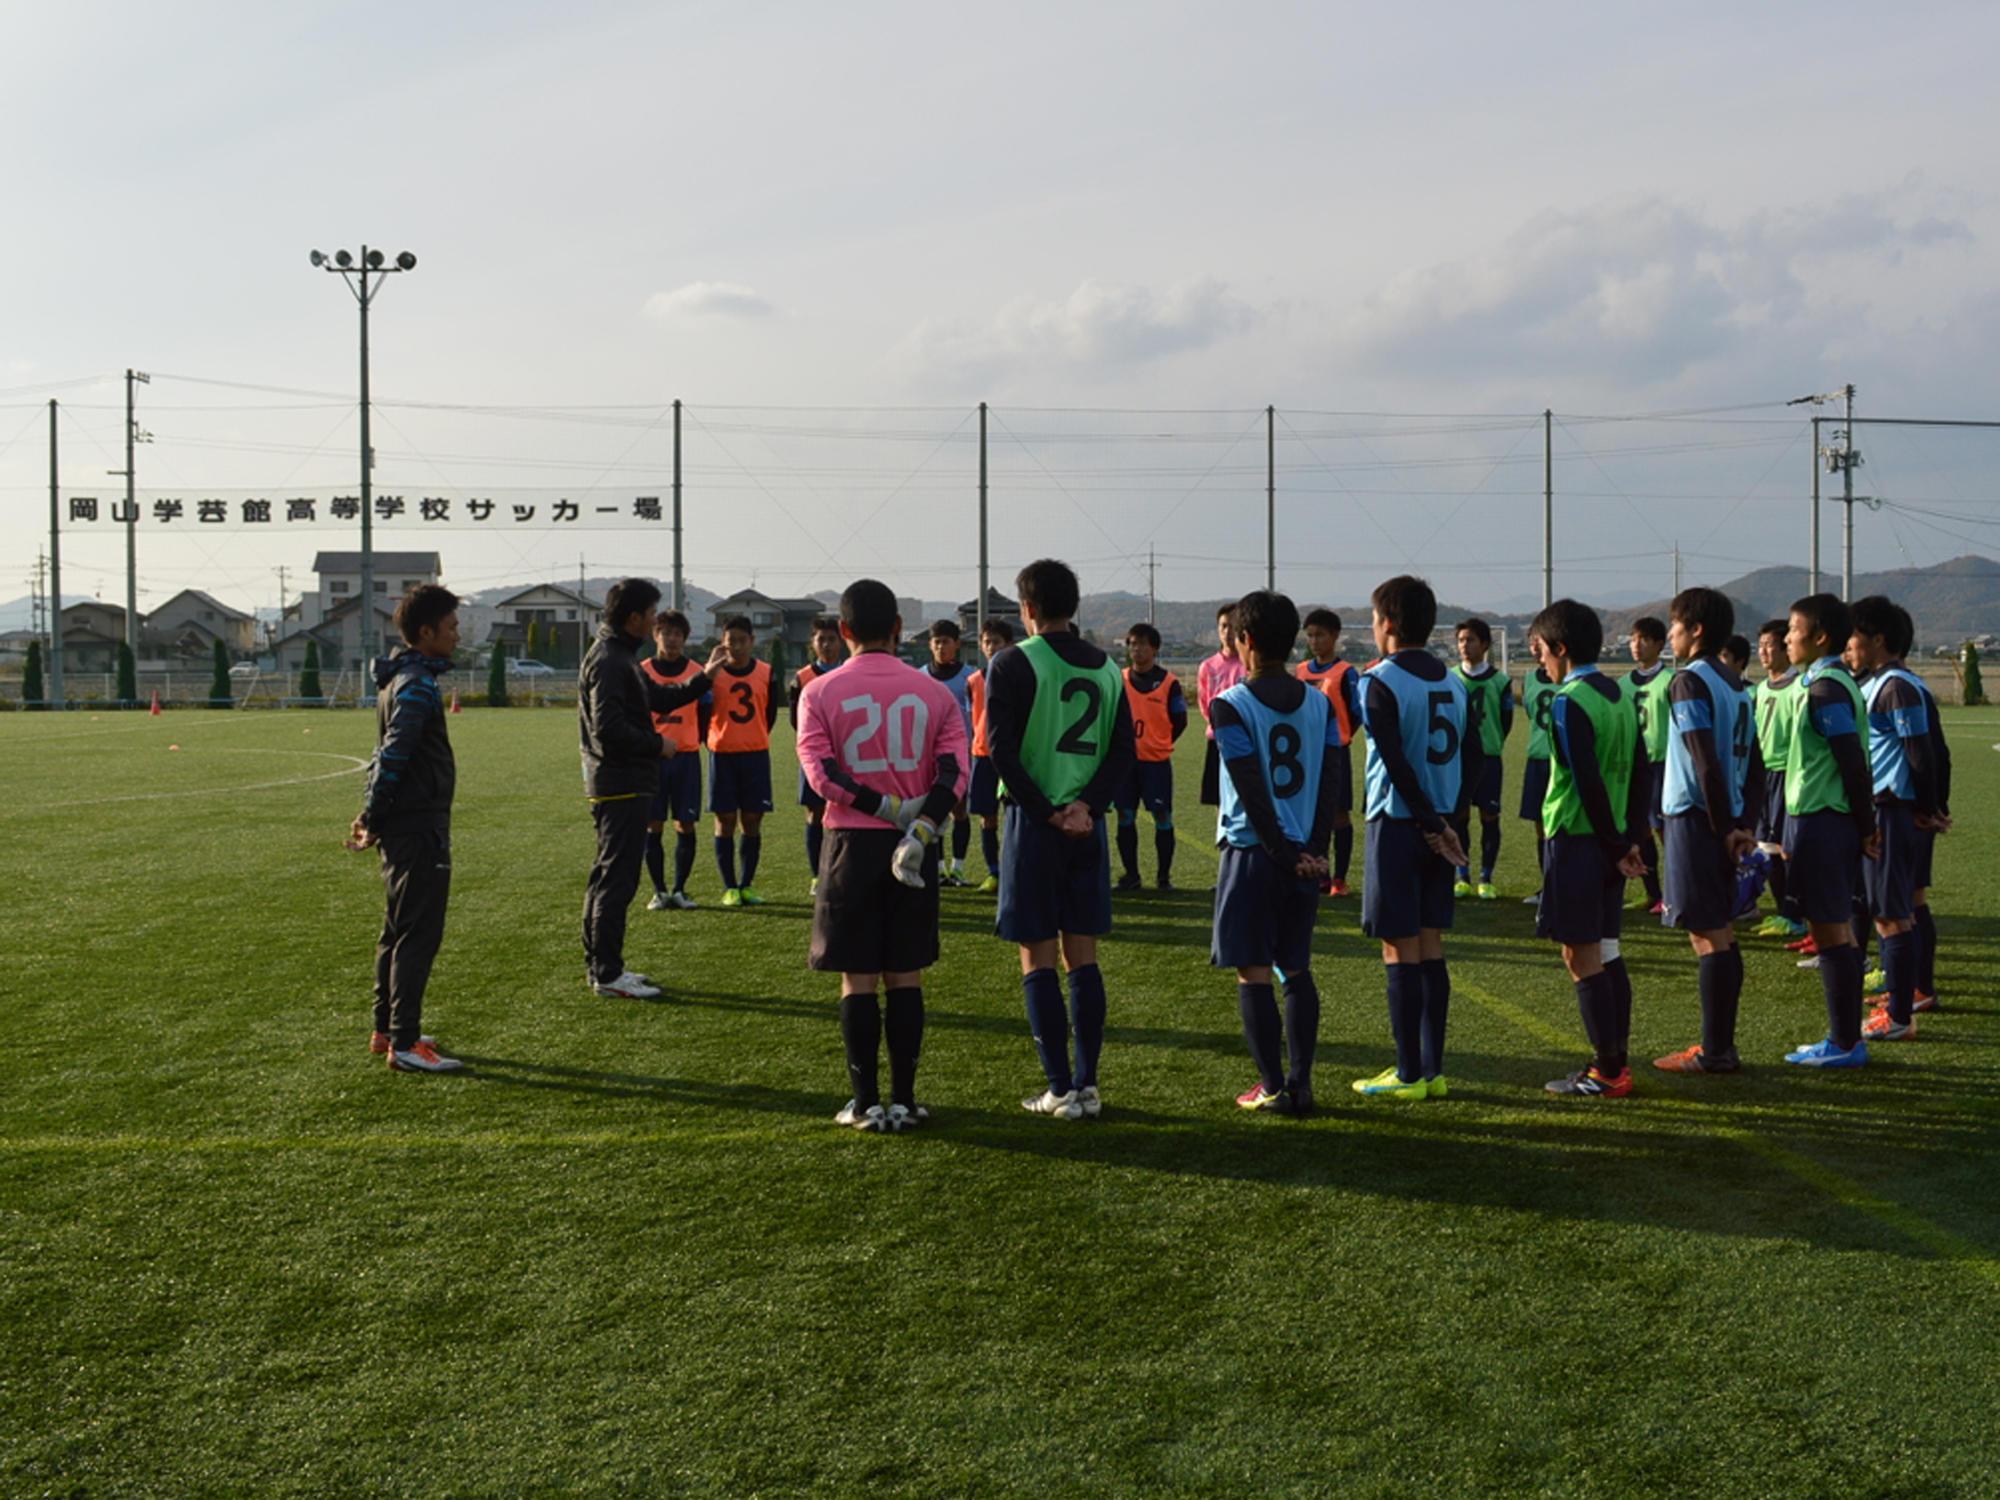 岡山学芸館高校サッカー部に聞いてみた!なんでこの学校を選んだの?